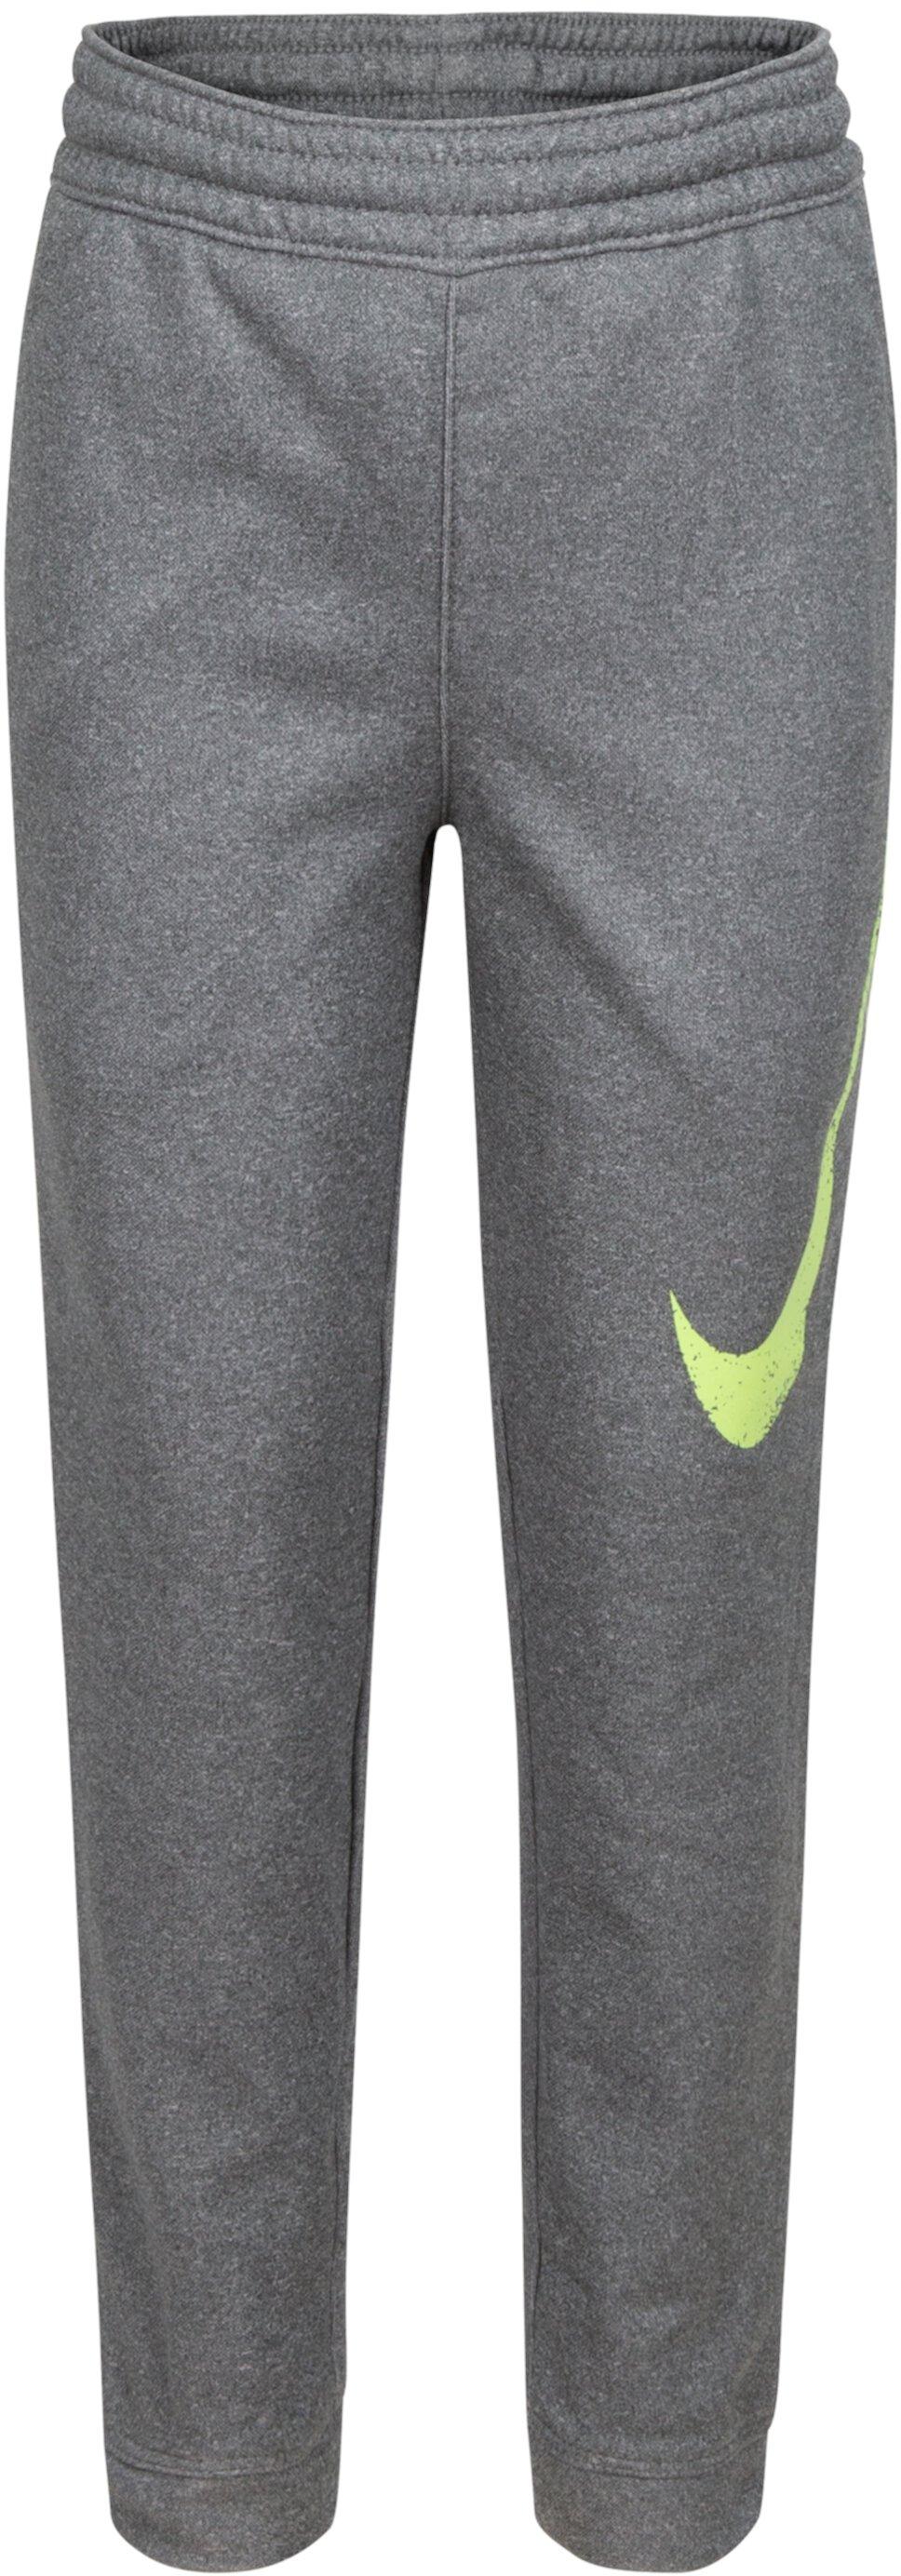 Флисовые спортивные штаны Therma (для маленьких детей) Nike Kids